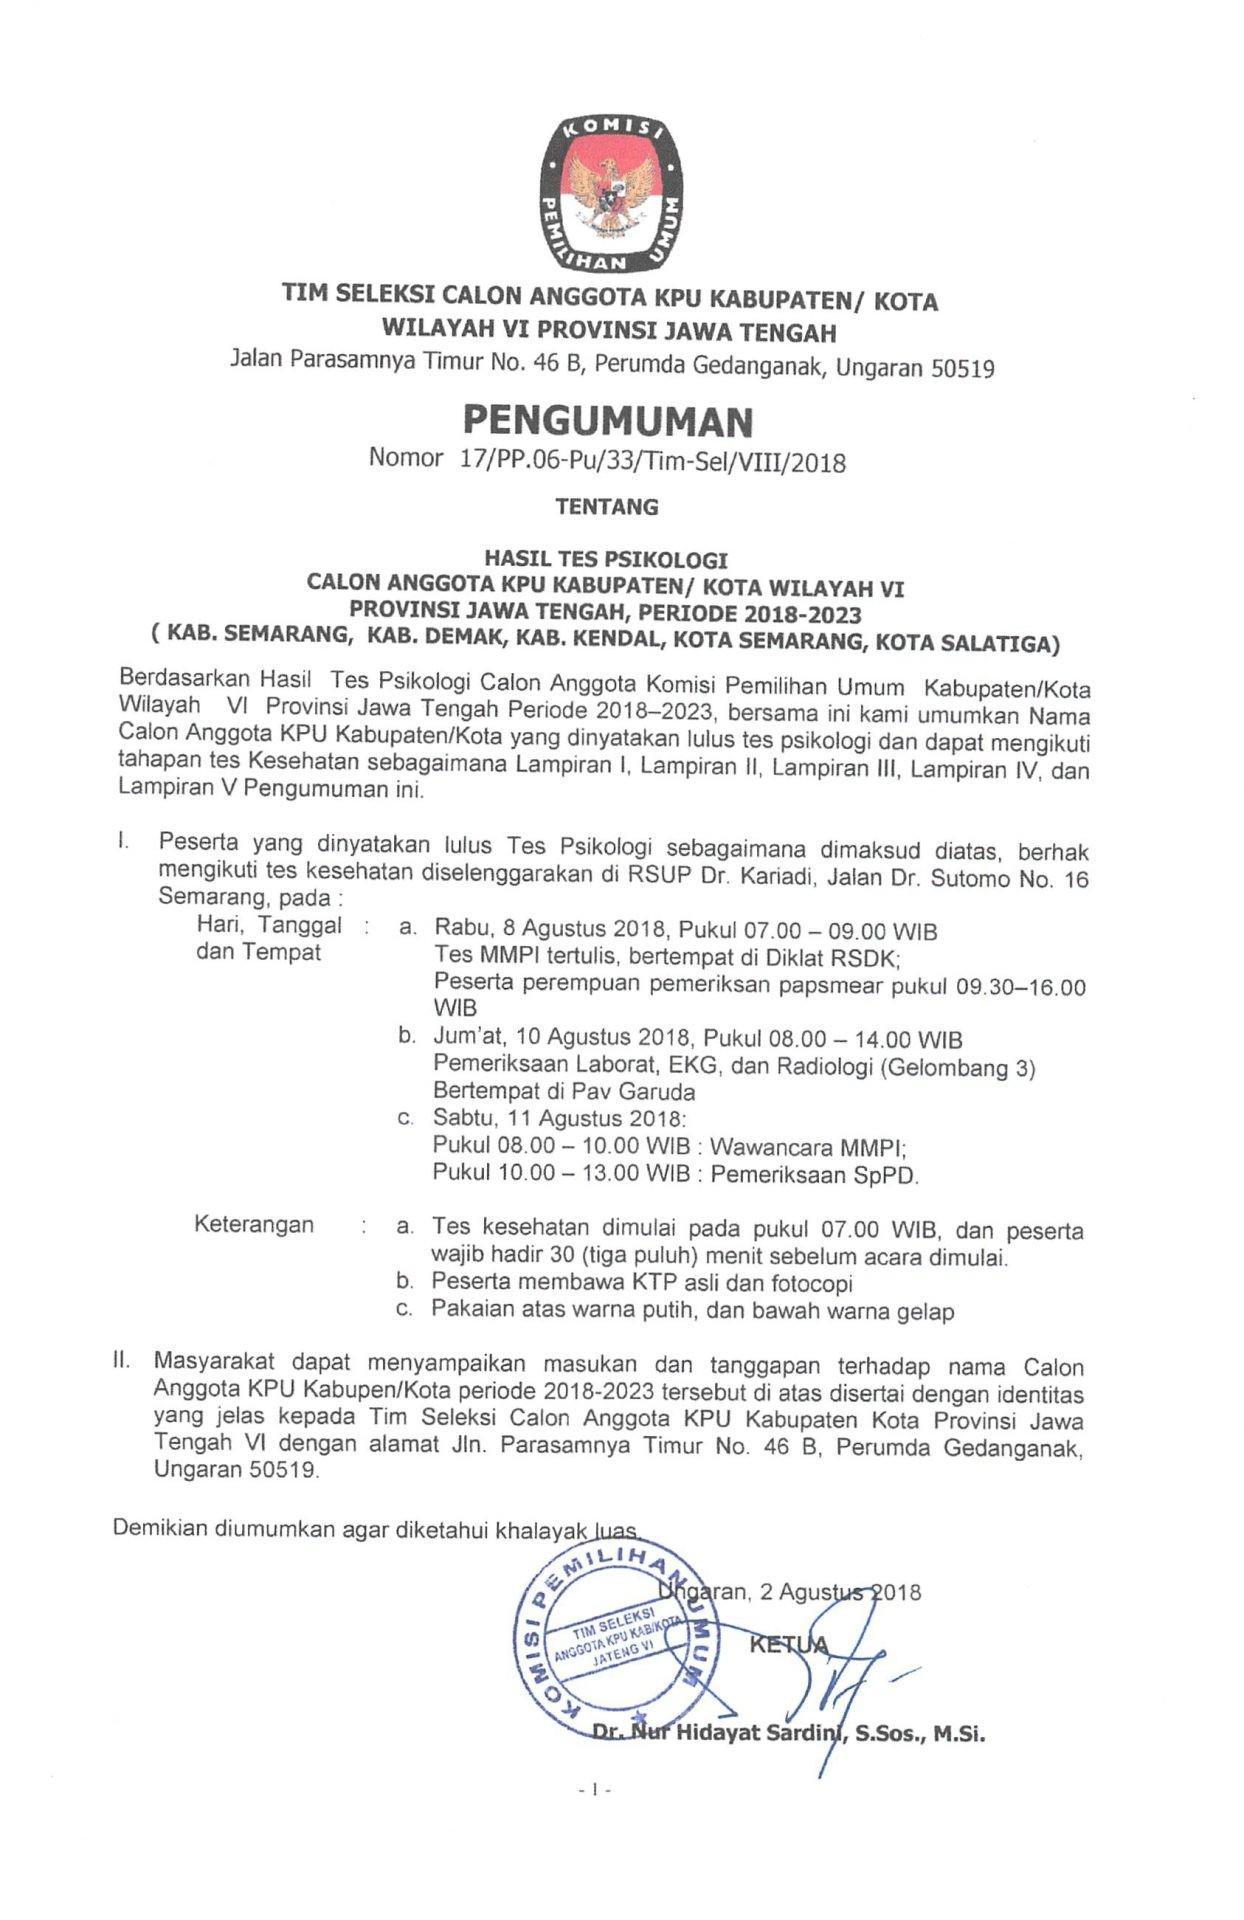 Kami Sampaikan Pengumuman Hasil Test Psikologi Calon Anggota Kpu Kabkota Jawa Tengah Vi Kab Semarang Kab Demak Kab